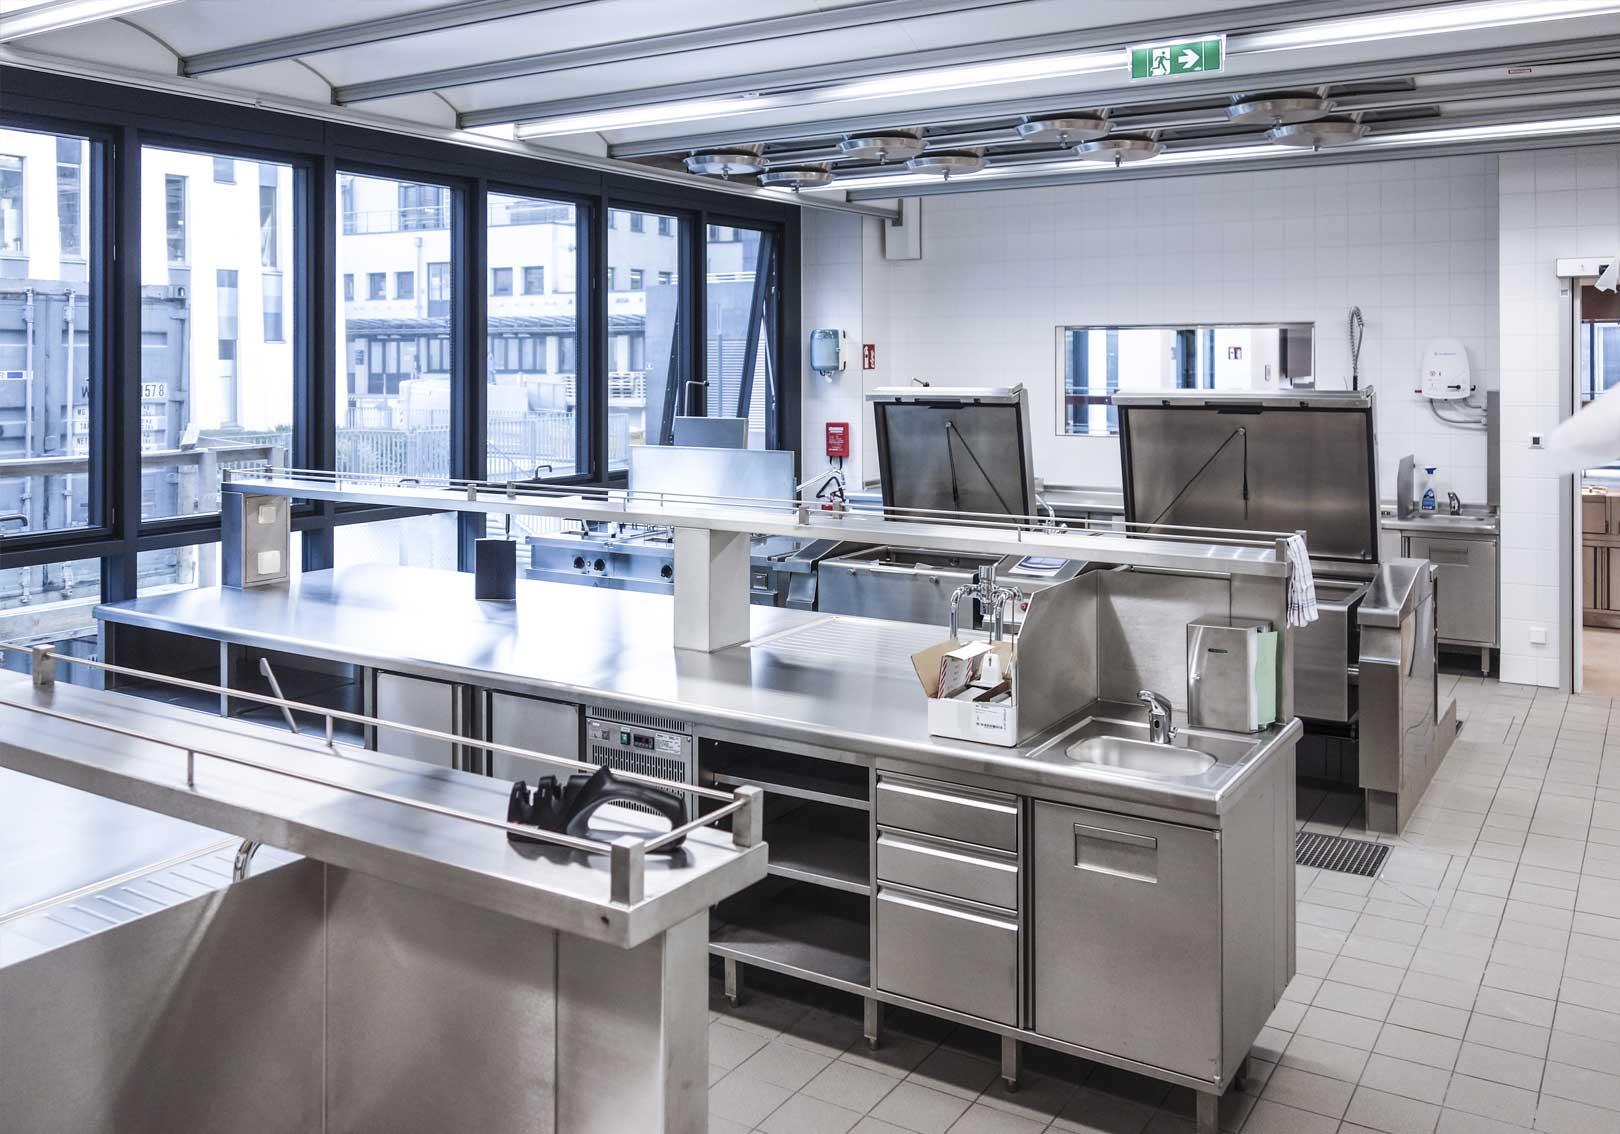 Nutzerorientierte Planung für Großküchen und Kantinen